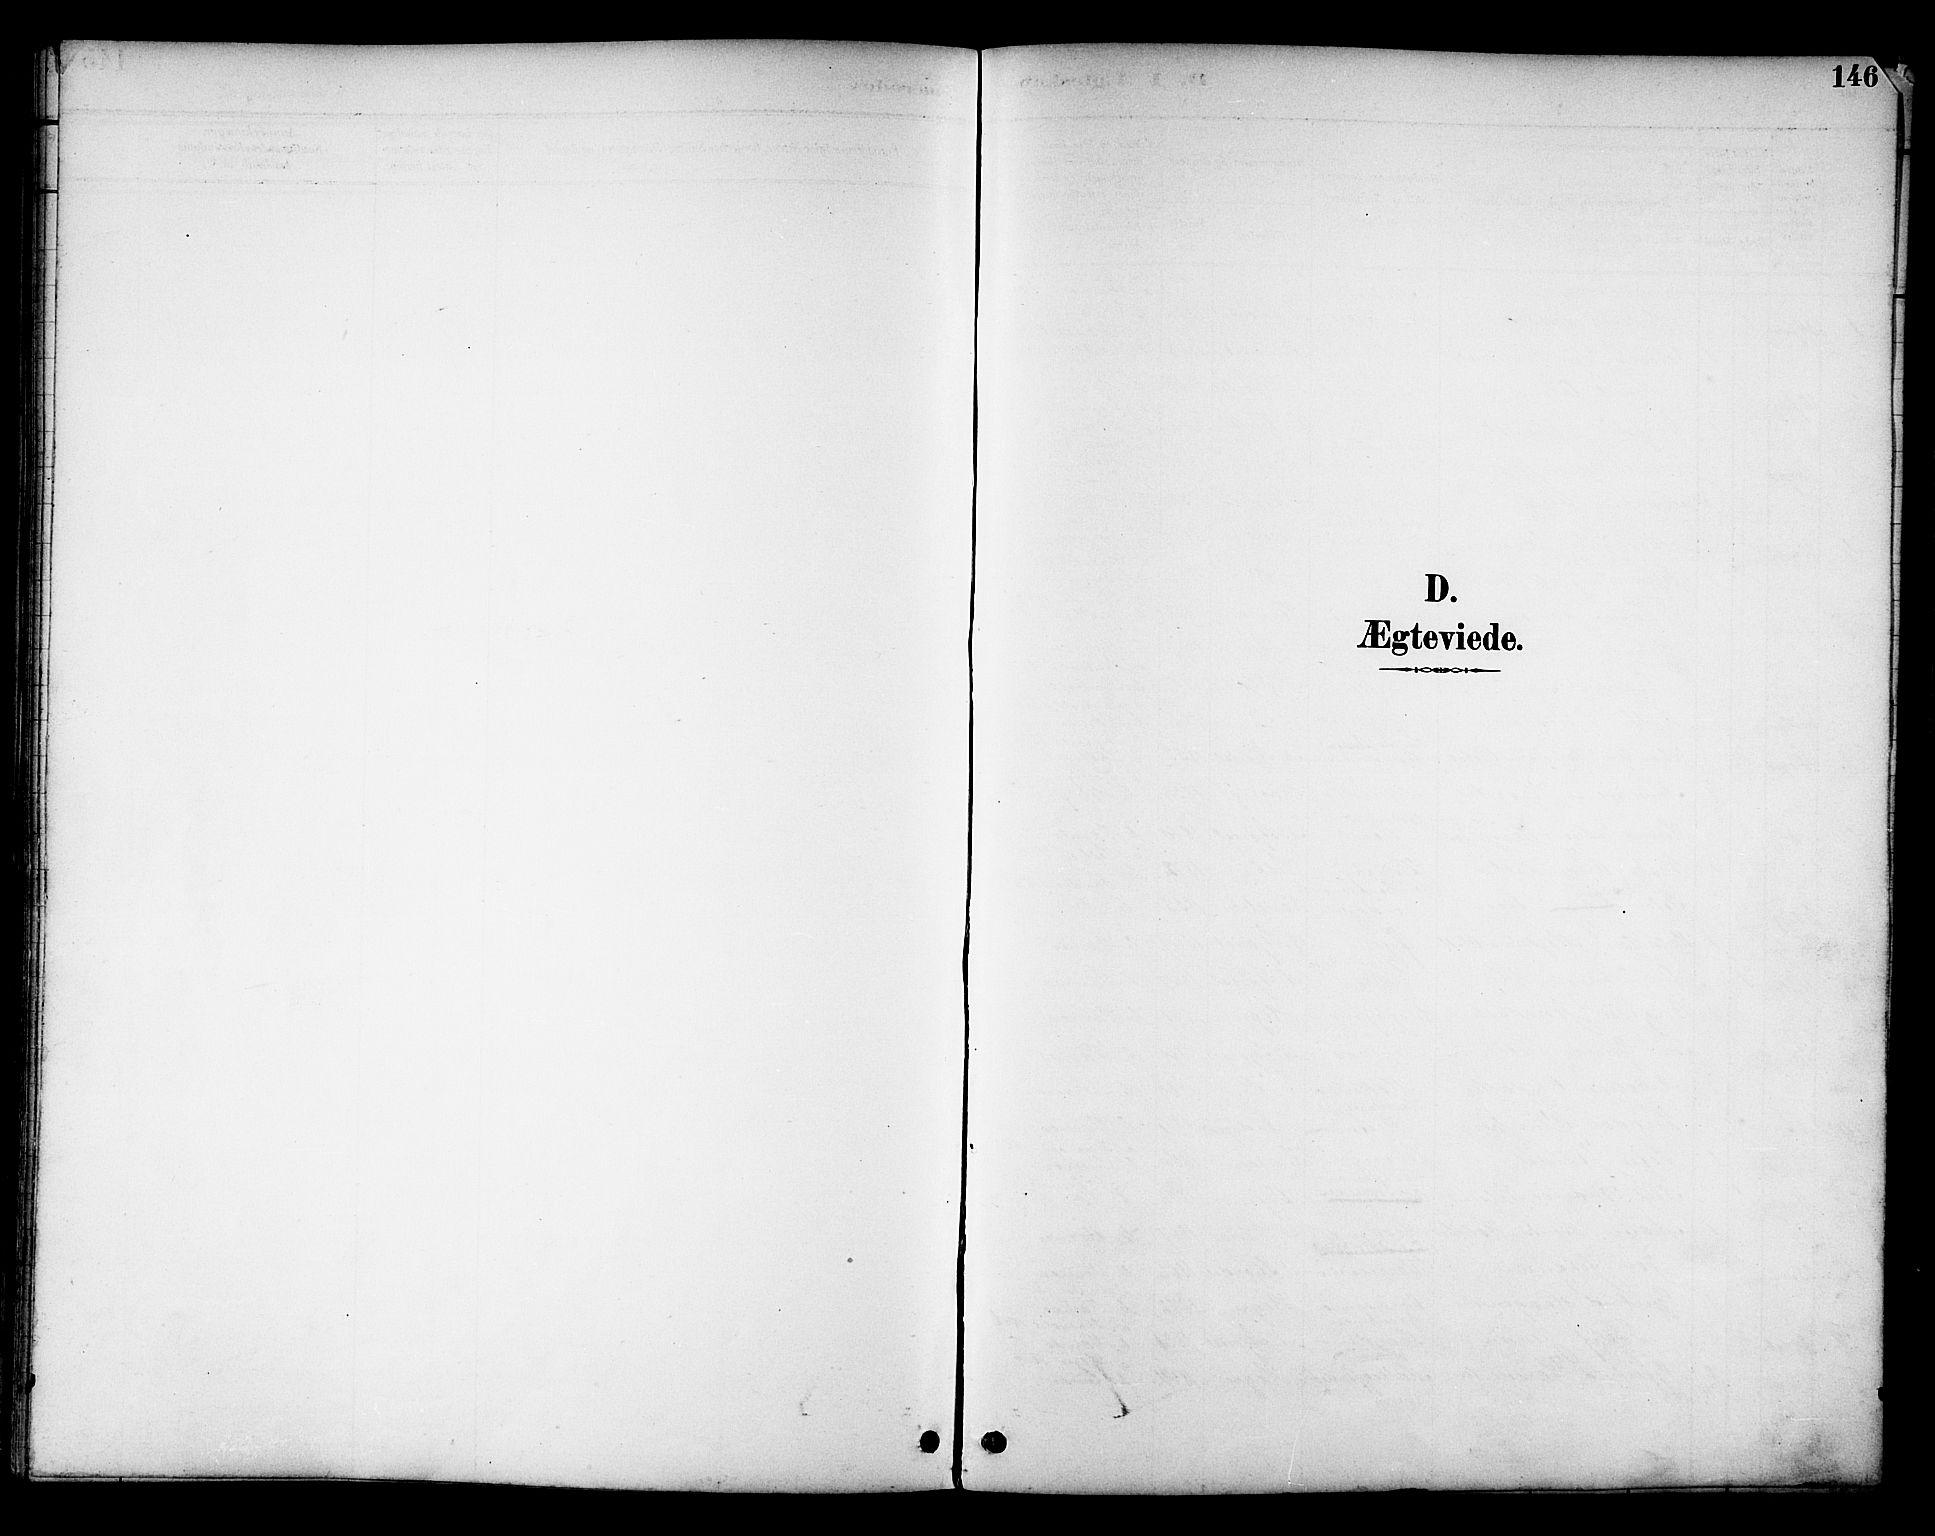 SAT, Ministerialprotokoller, klokkerbøker og fødselsregistre - Nord-Trøndelag, 709/L0087: Klokkerbok nr. 709C01, 1892-1913, s. 146